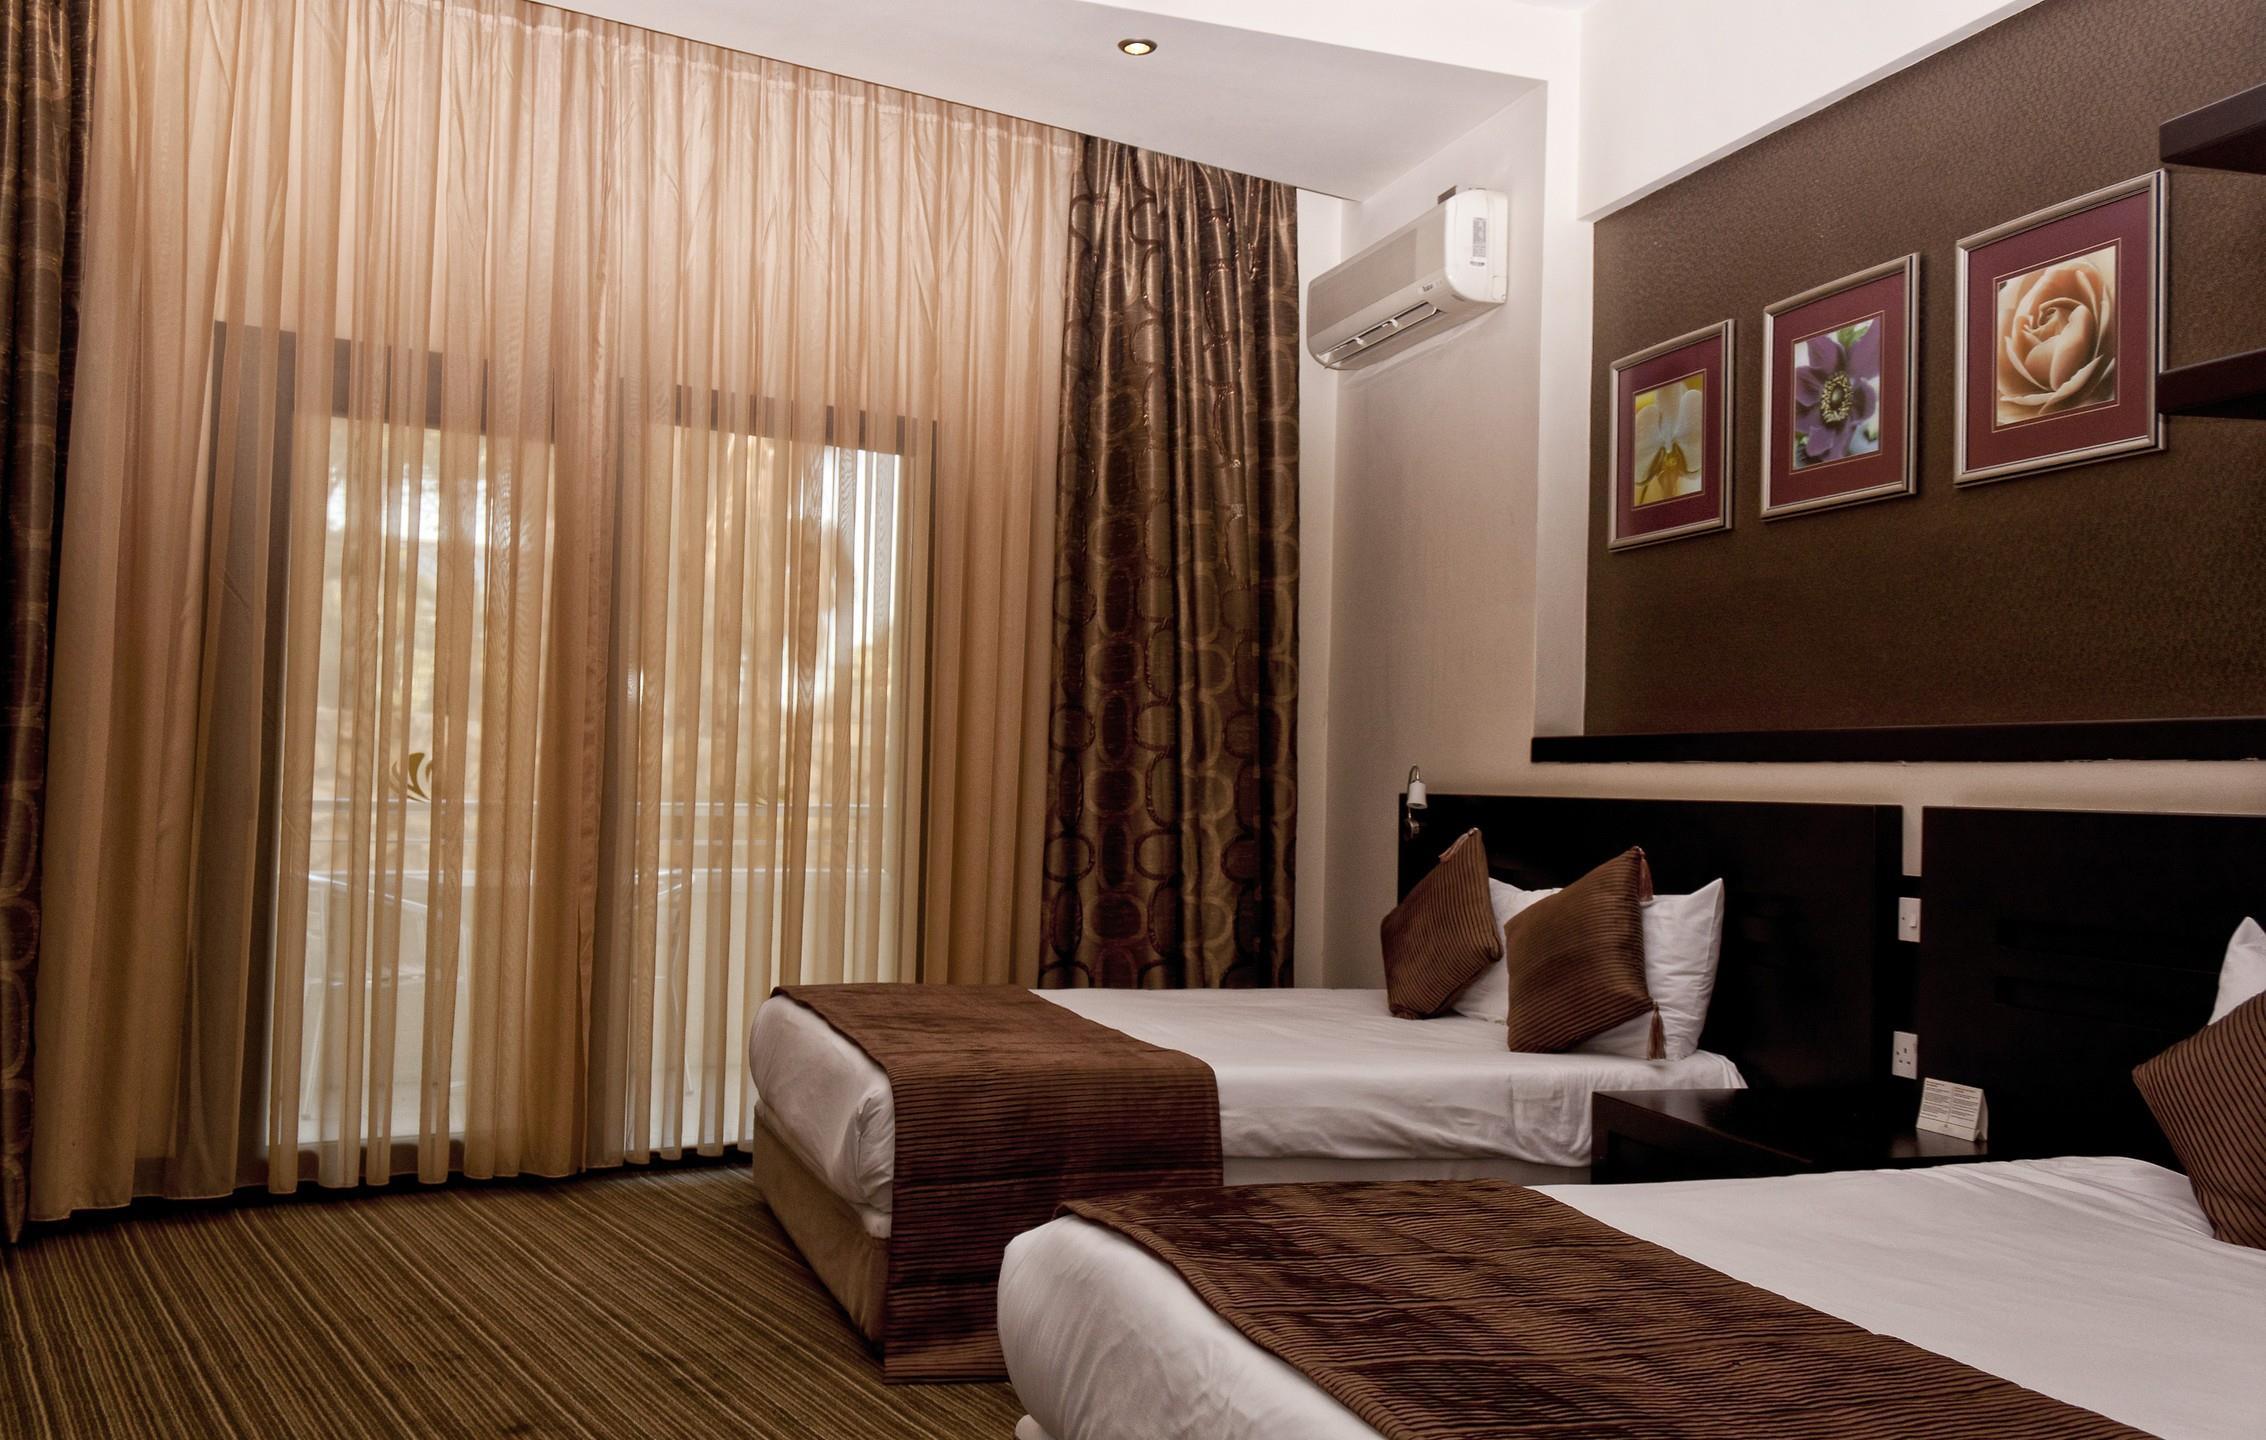 Vuni Palace Hotel205197